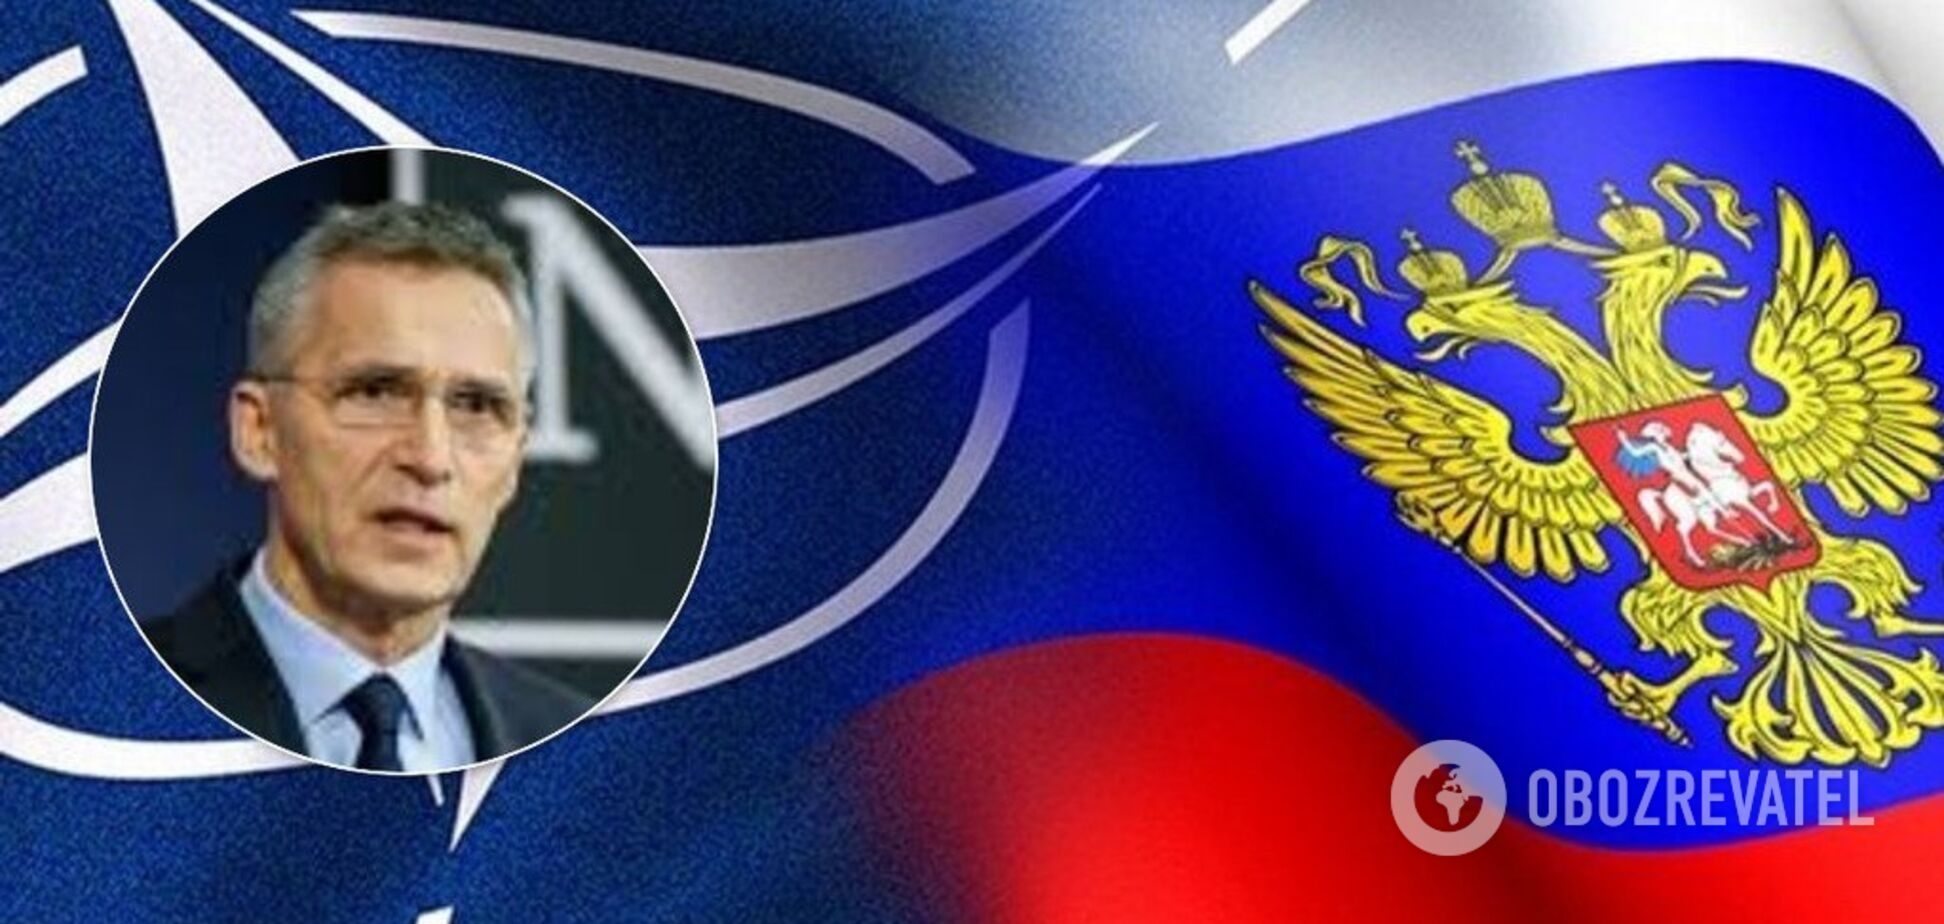 'Послідує з усіх країн!' У НАТО заявили про відповідь на 'агресію Росії'